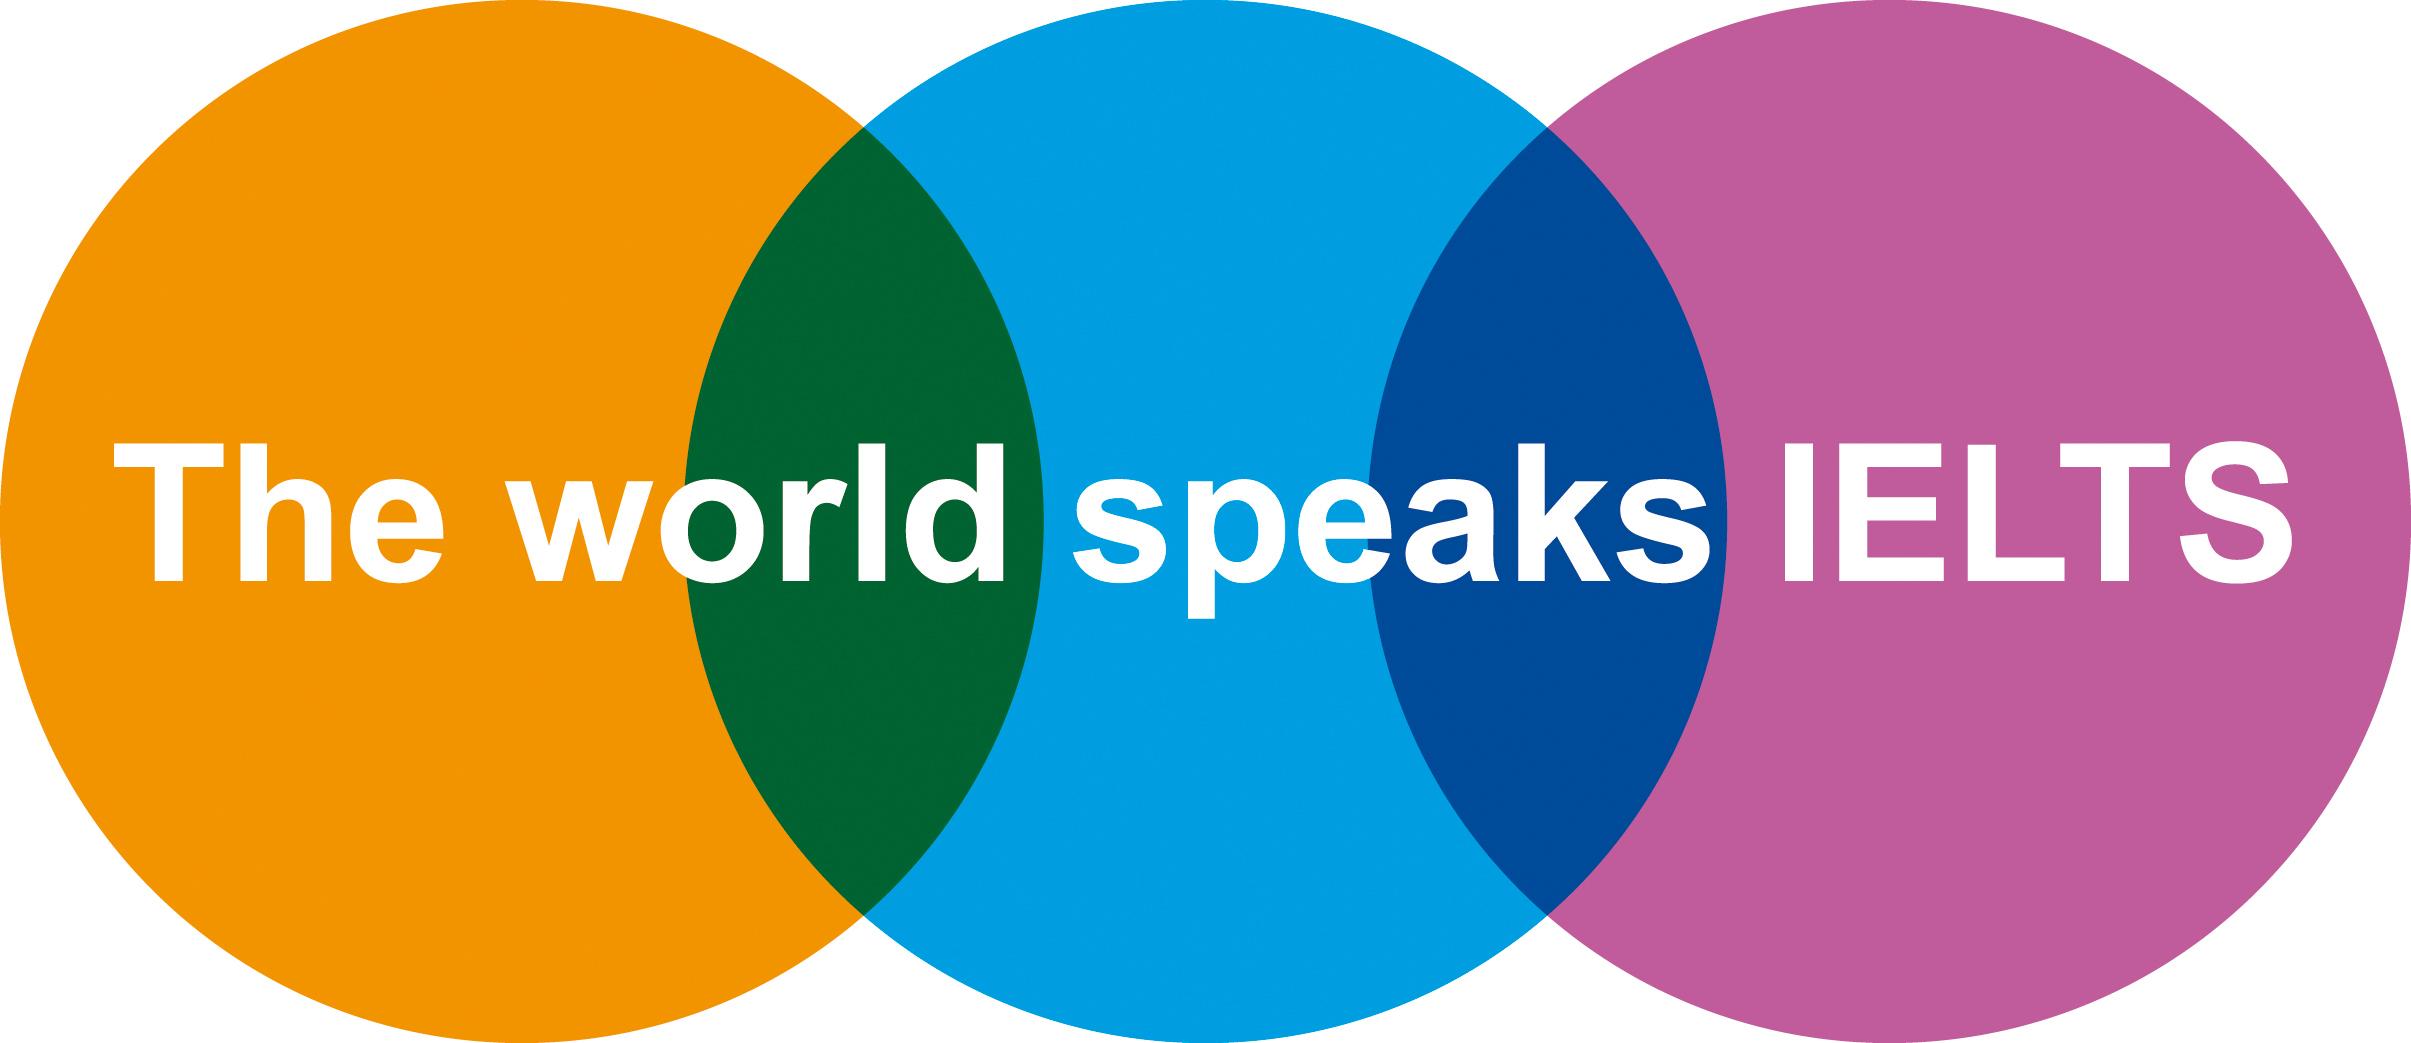 http://scholarshipplanet.info/vi/wp-content/uploads/2012/09/world_speaks_ielts.jpg